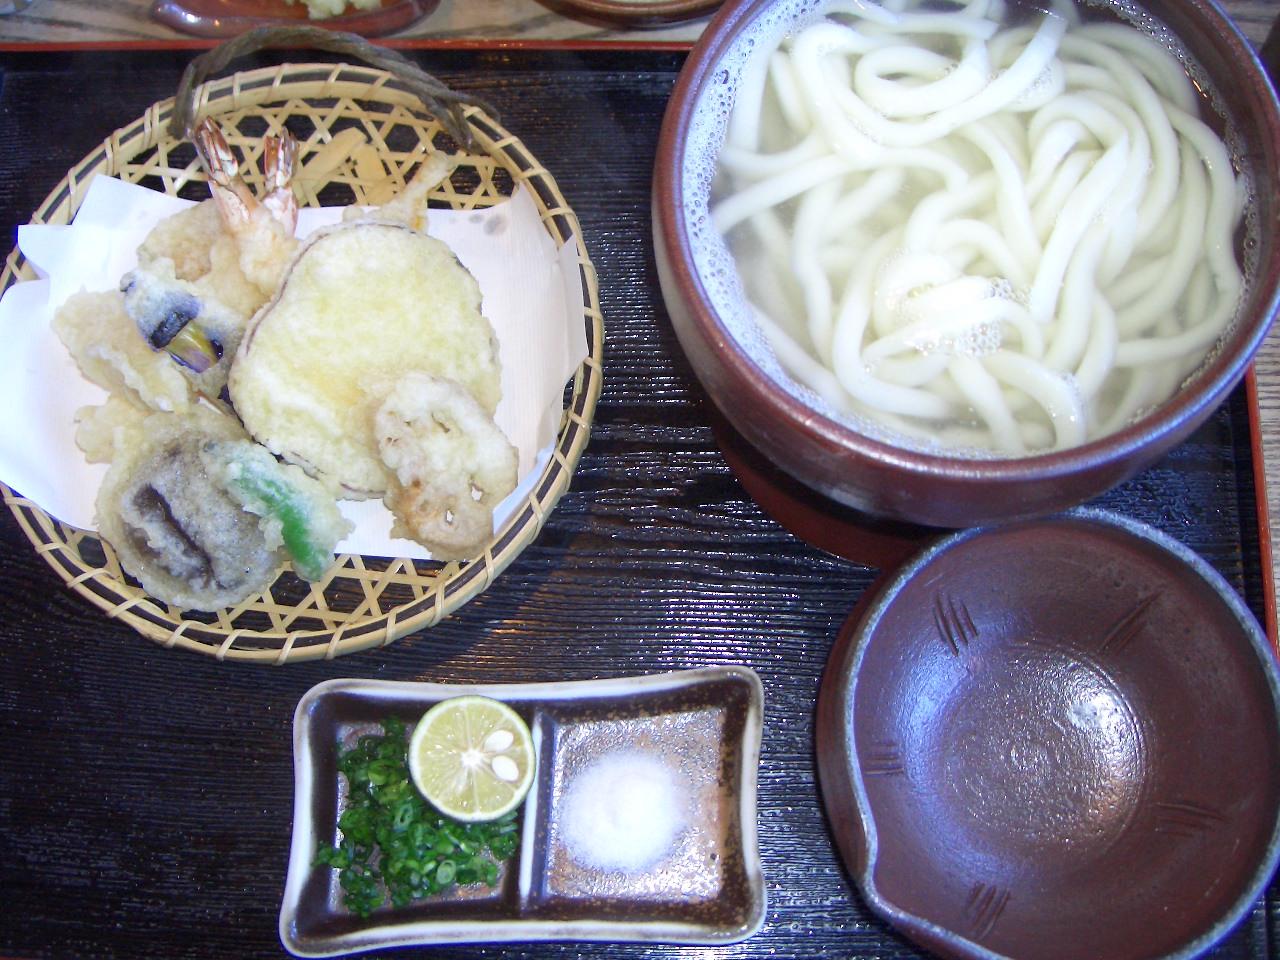 2008.12.8すじかま&ガーデンテラス 004.jpg